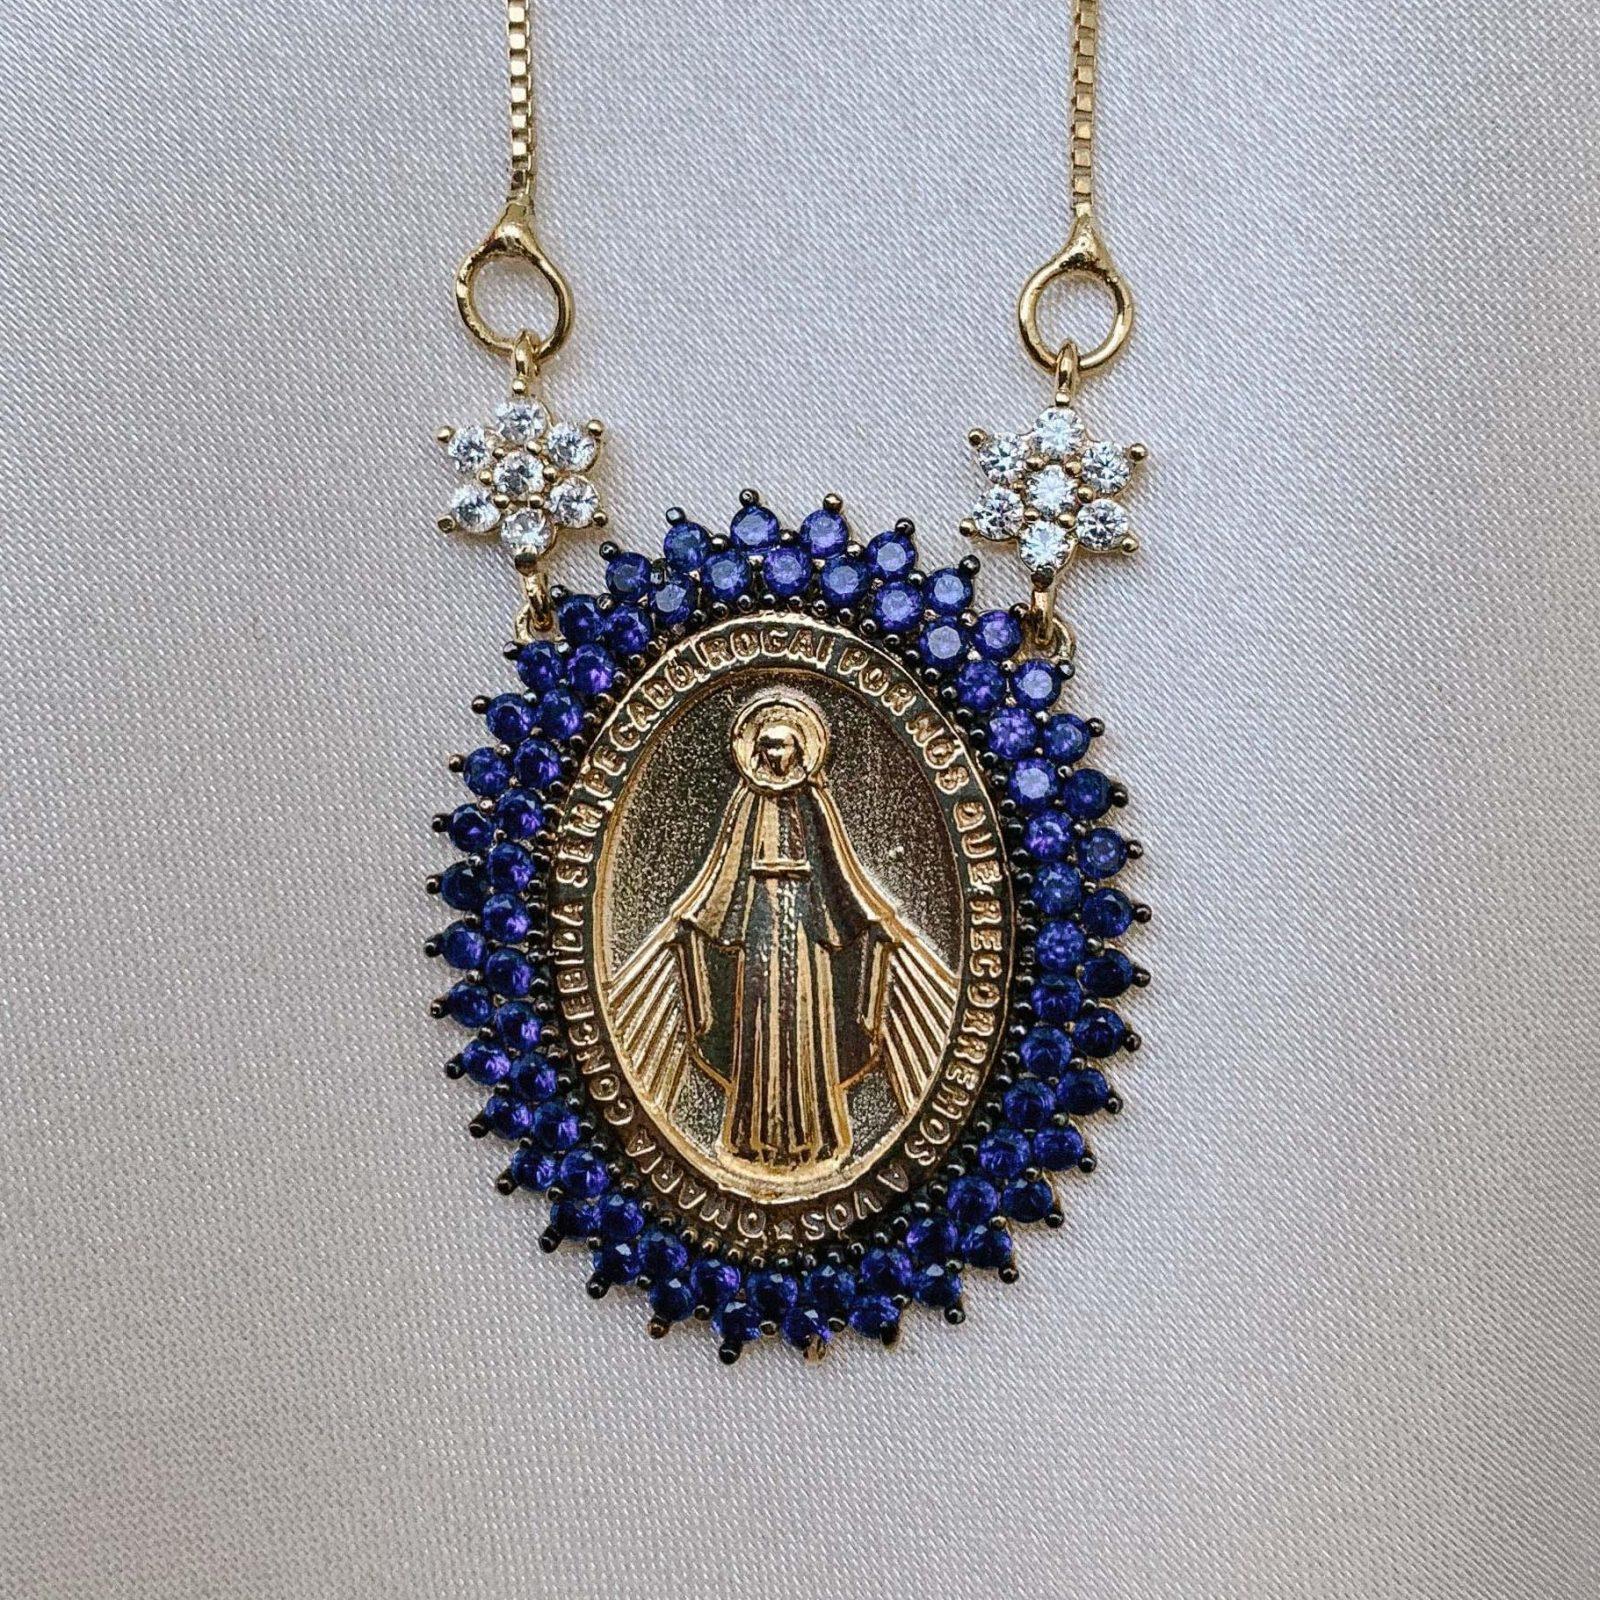 Colar Nossa Senhora das Graças Safira | Lanarée Acessórios